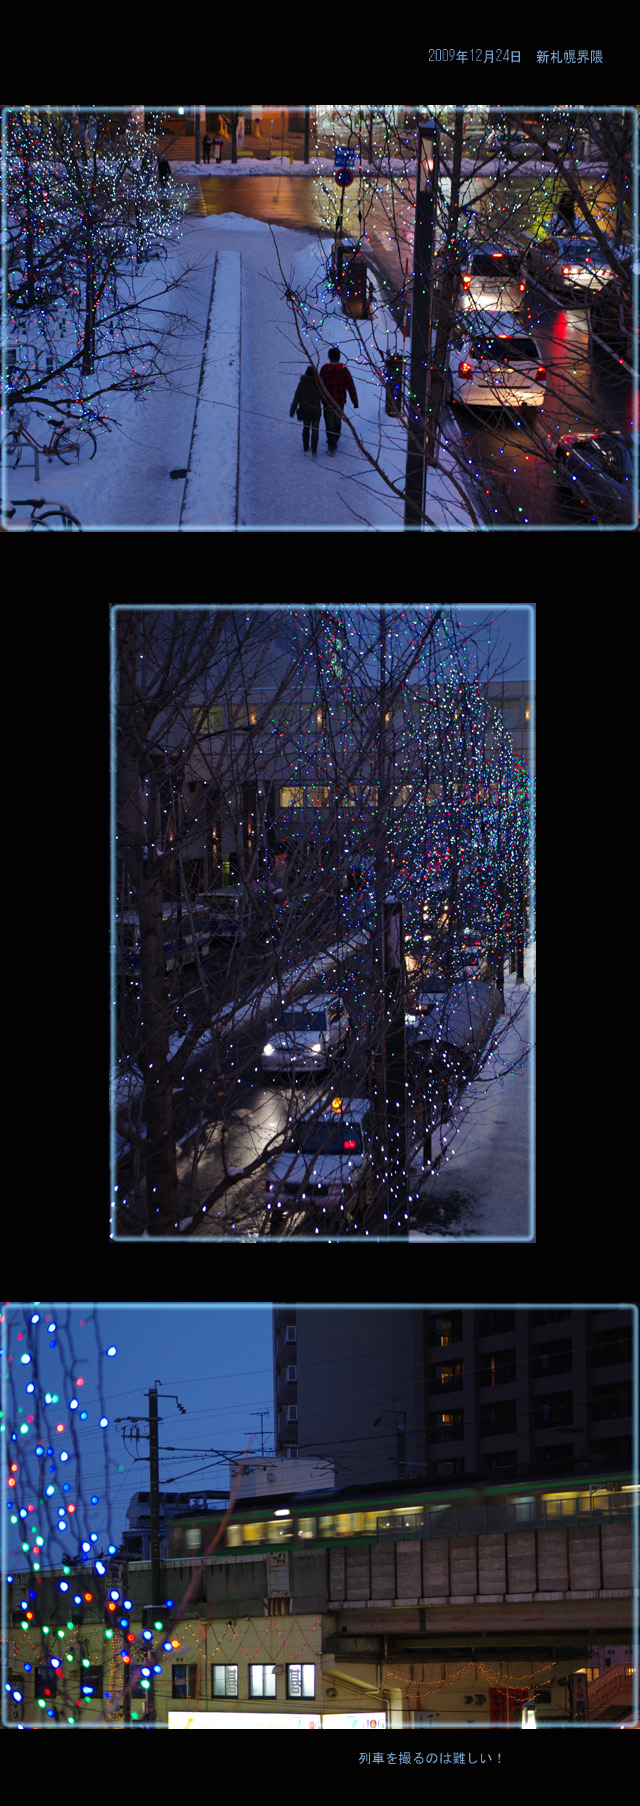 クリスマスイヴの風景_b0019313_17451660.jpg